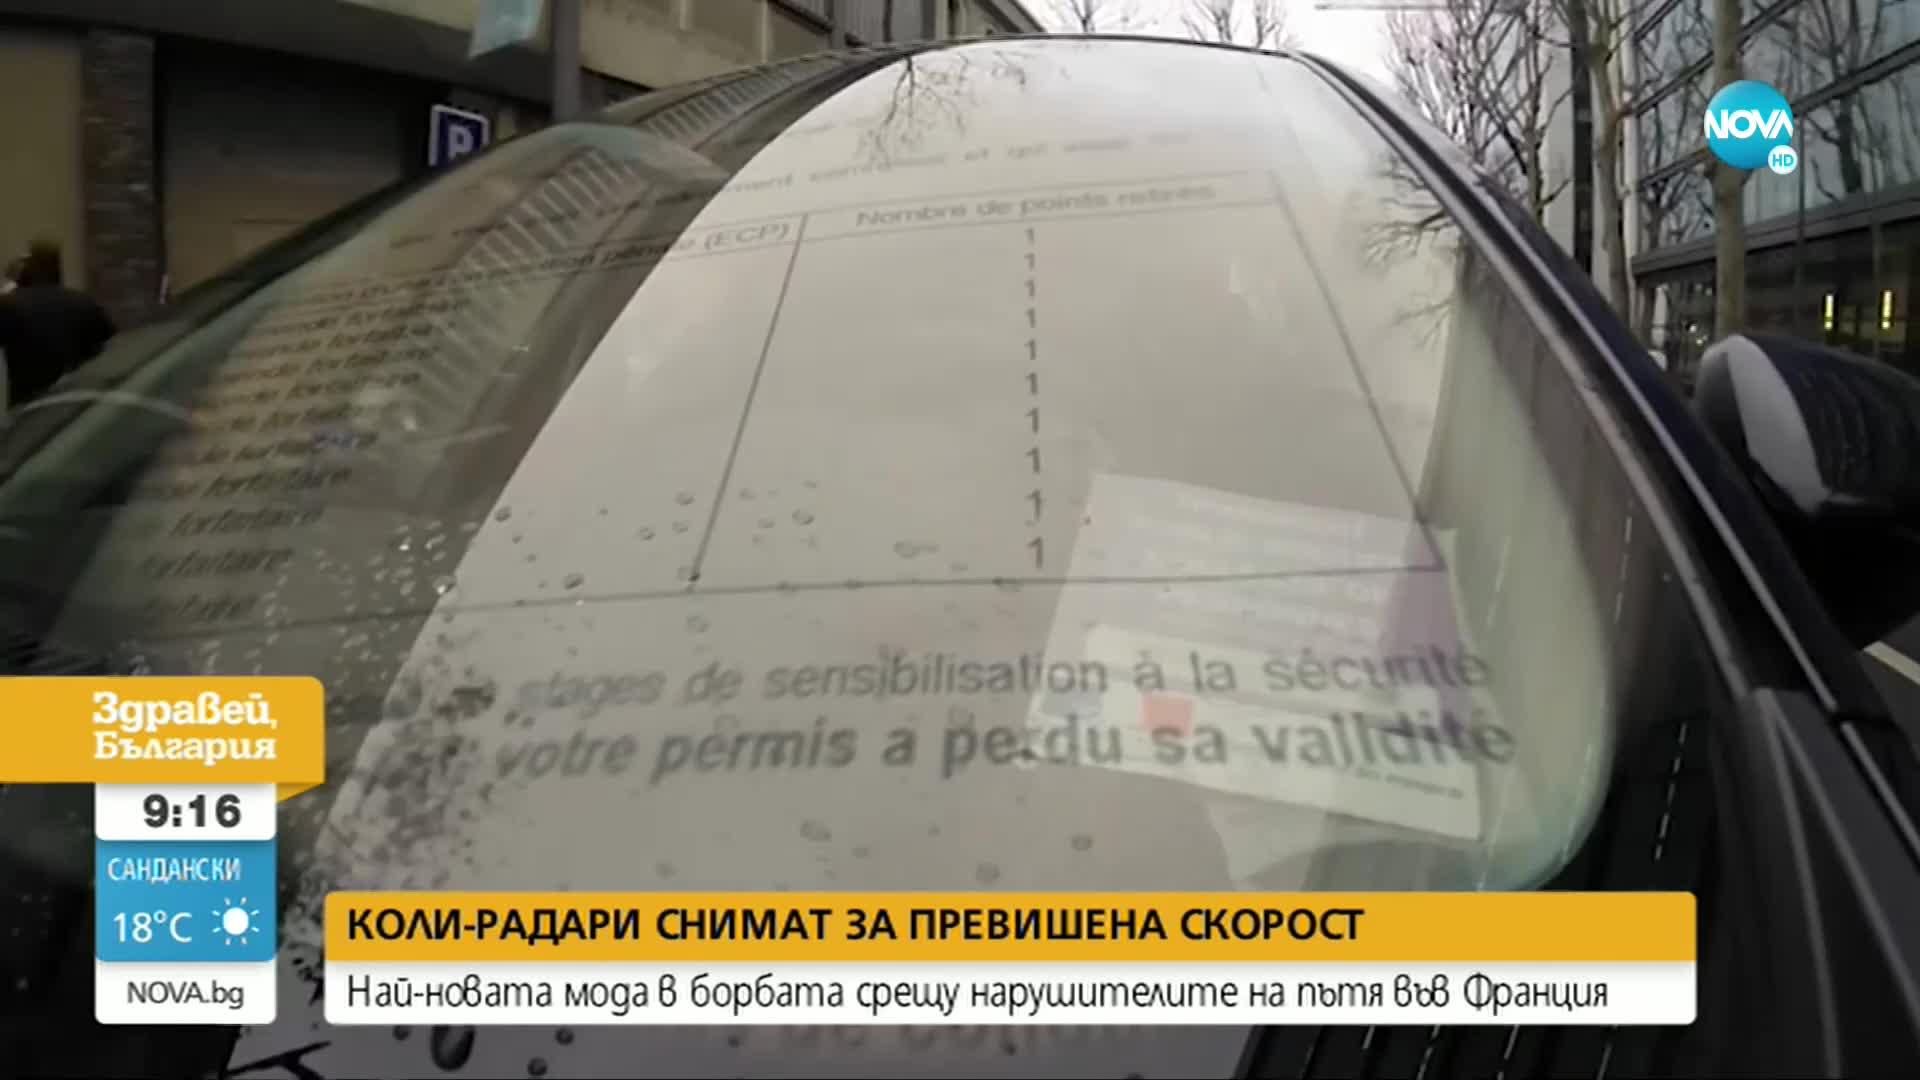 Цивилни коли-радари дебнат за нарушители по пътищата във Франция